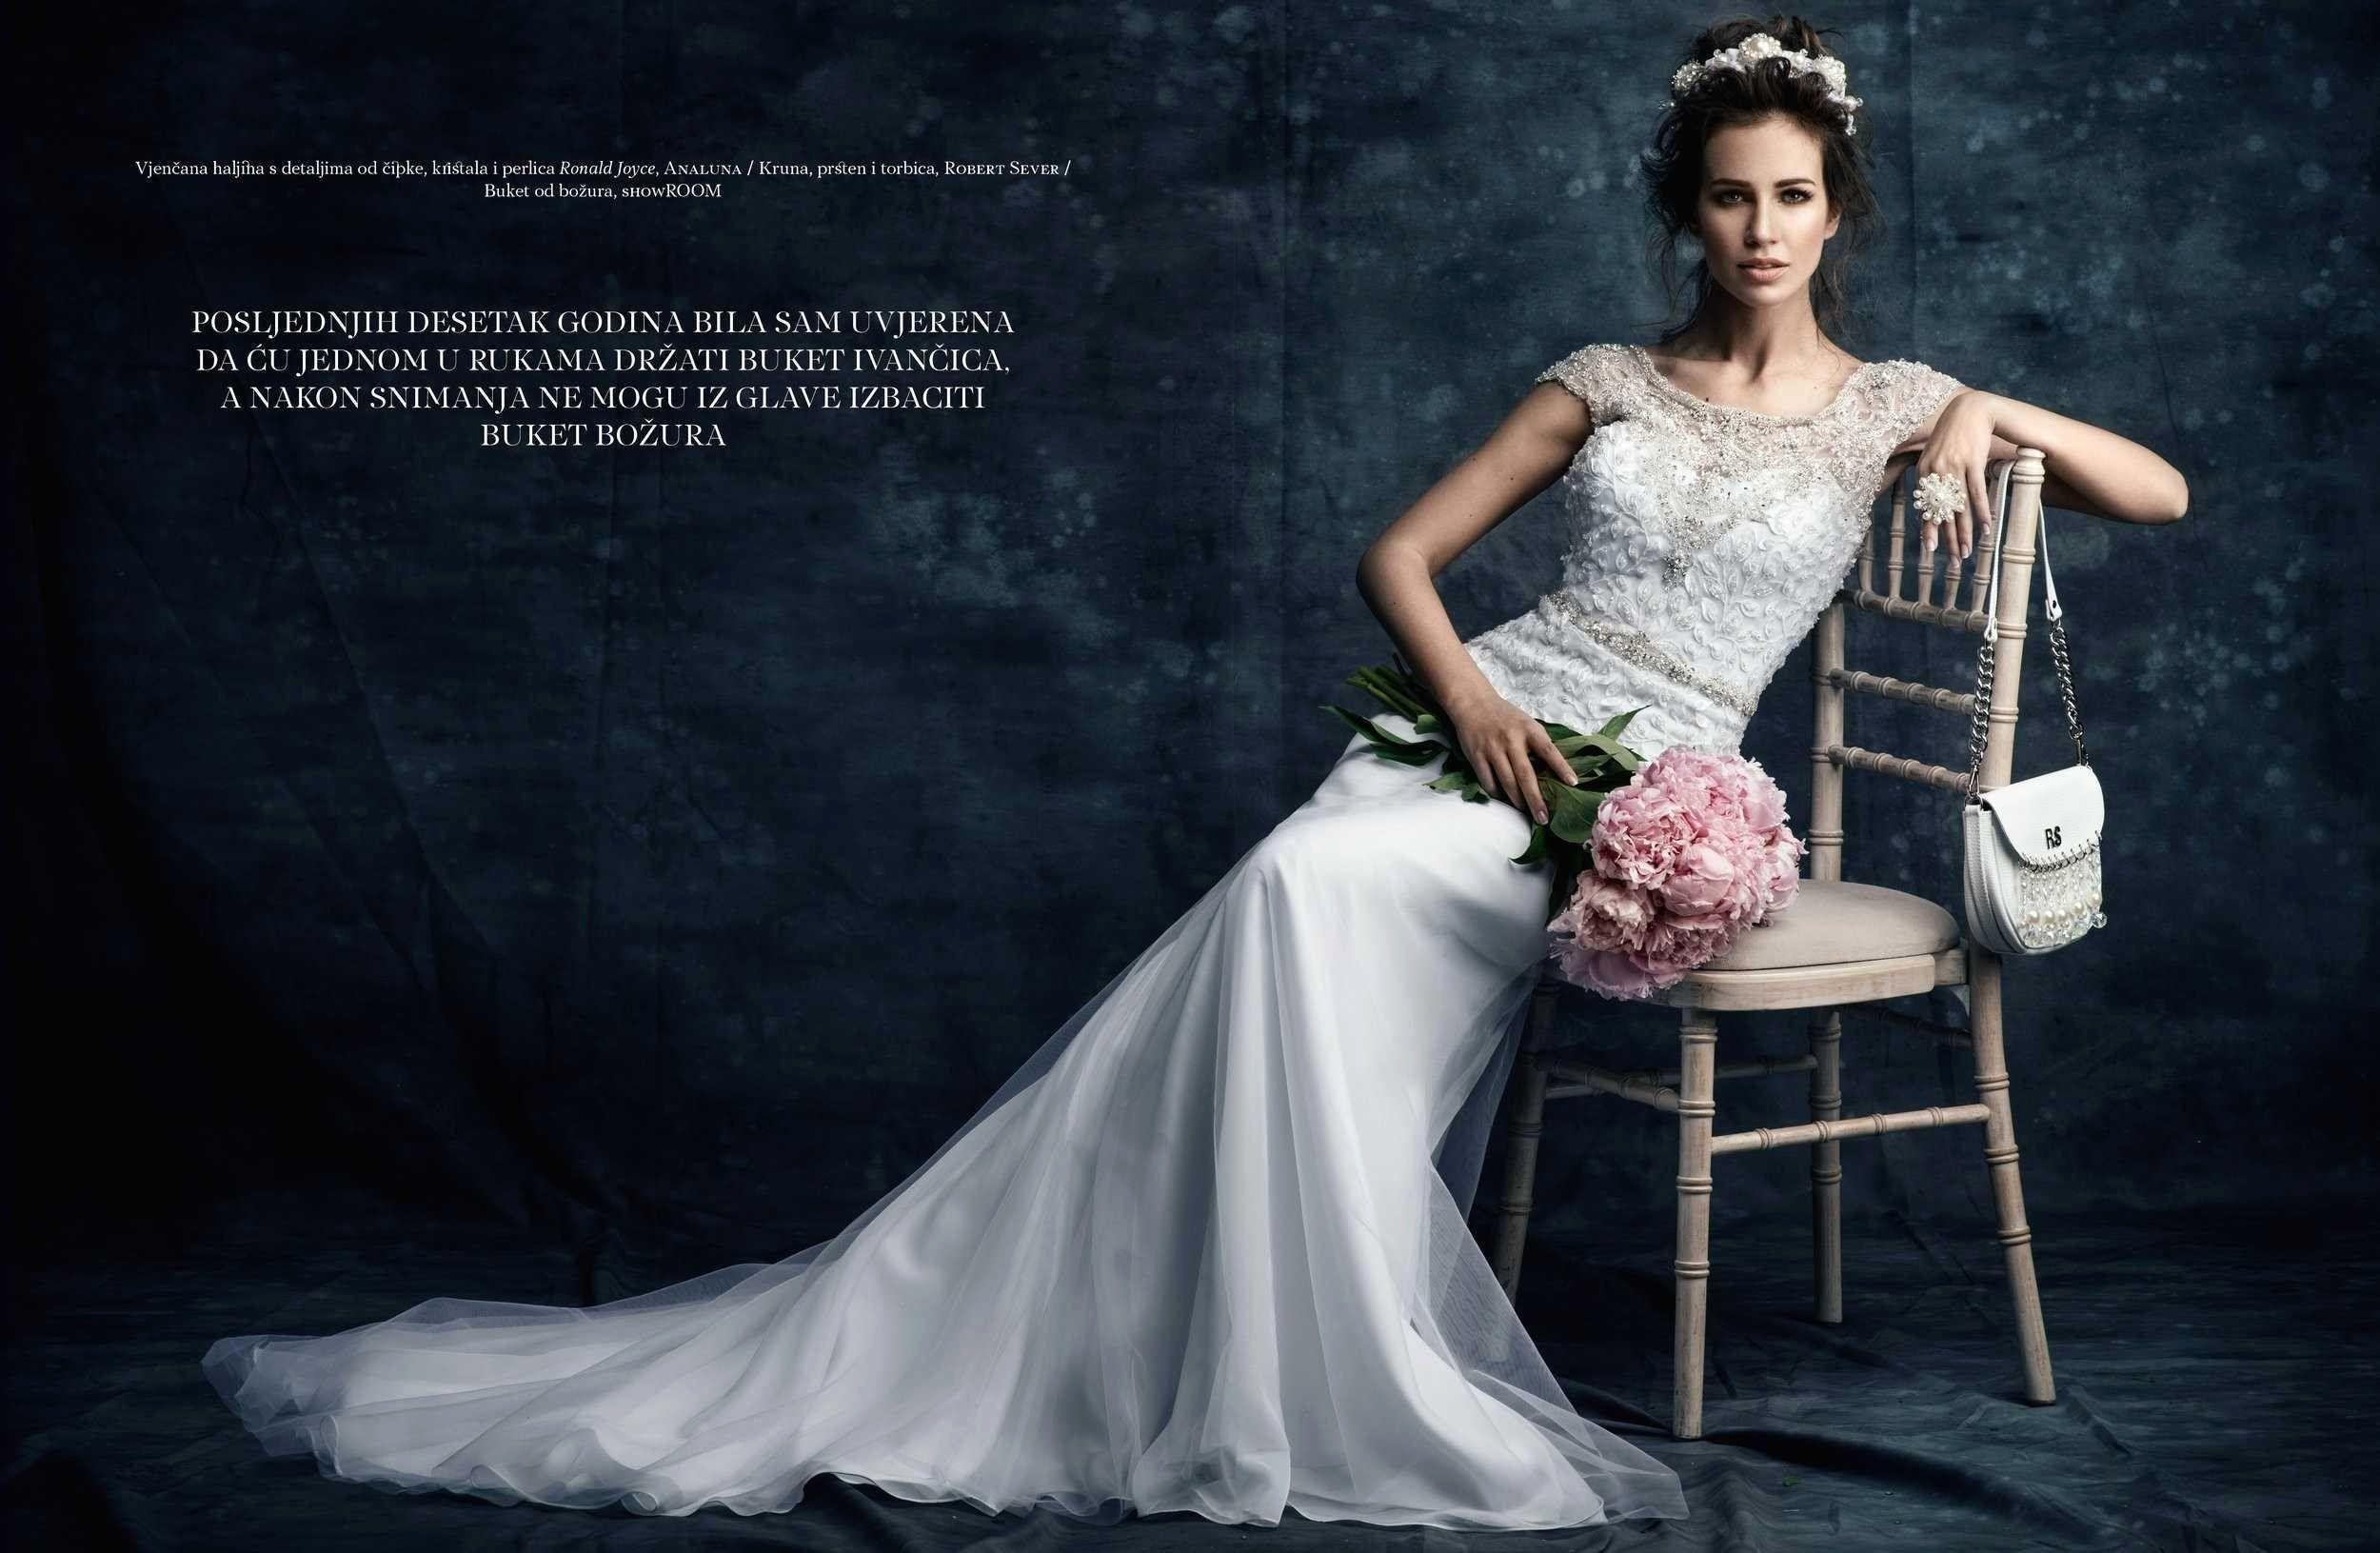 Wedding Gowns Dallas Texas Backyard Wedding Dresses Casual Wedding Dress Simple Wedding Dress Casual